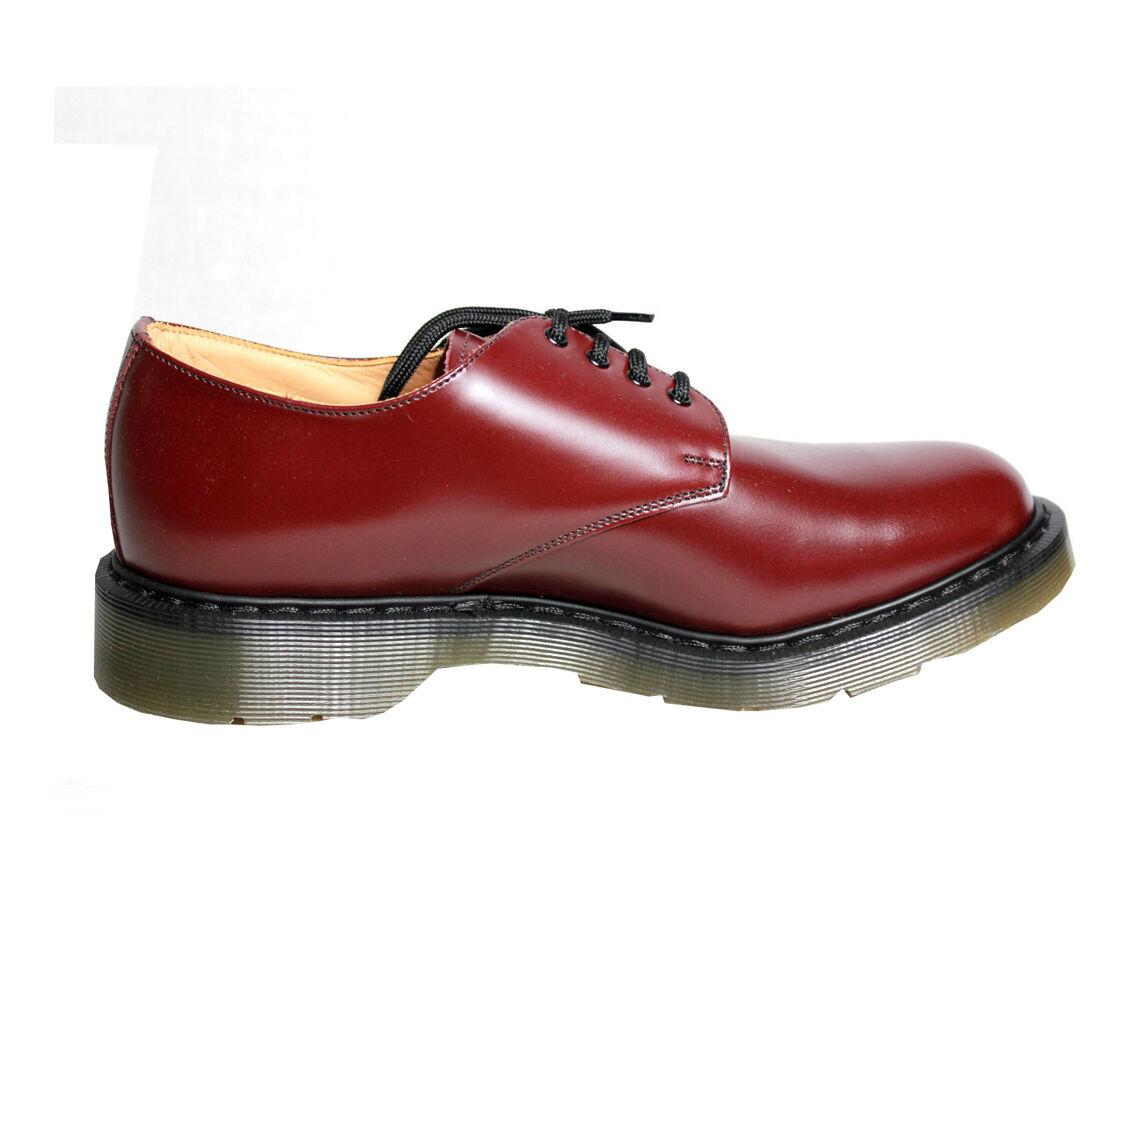 SOLOVAIR hergestellt in Vereinigtes Königreich Herren Schuhe bordeaux